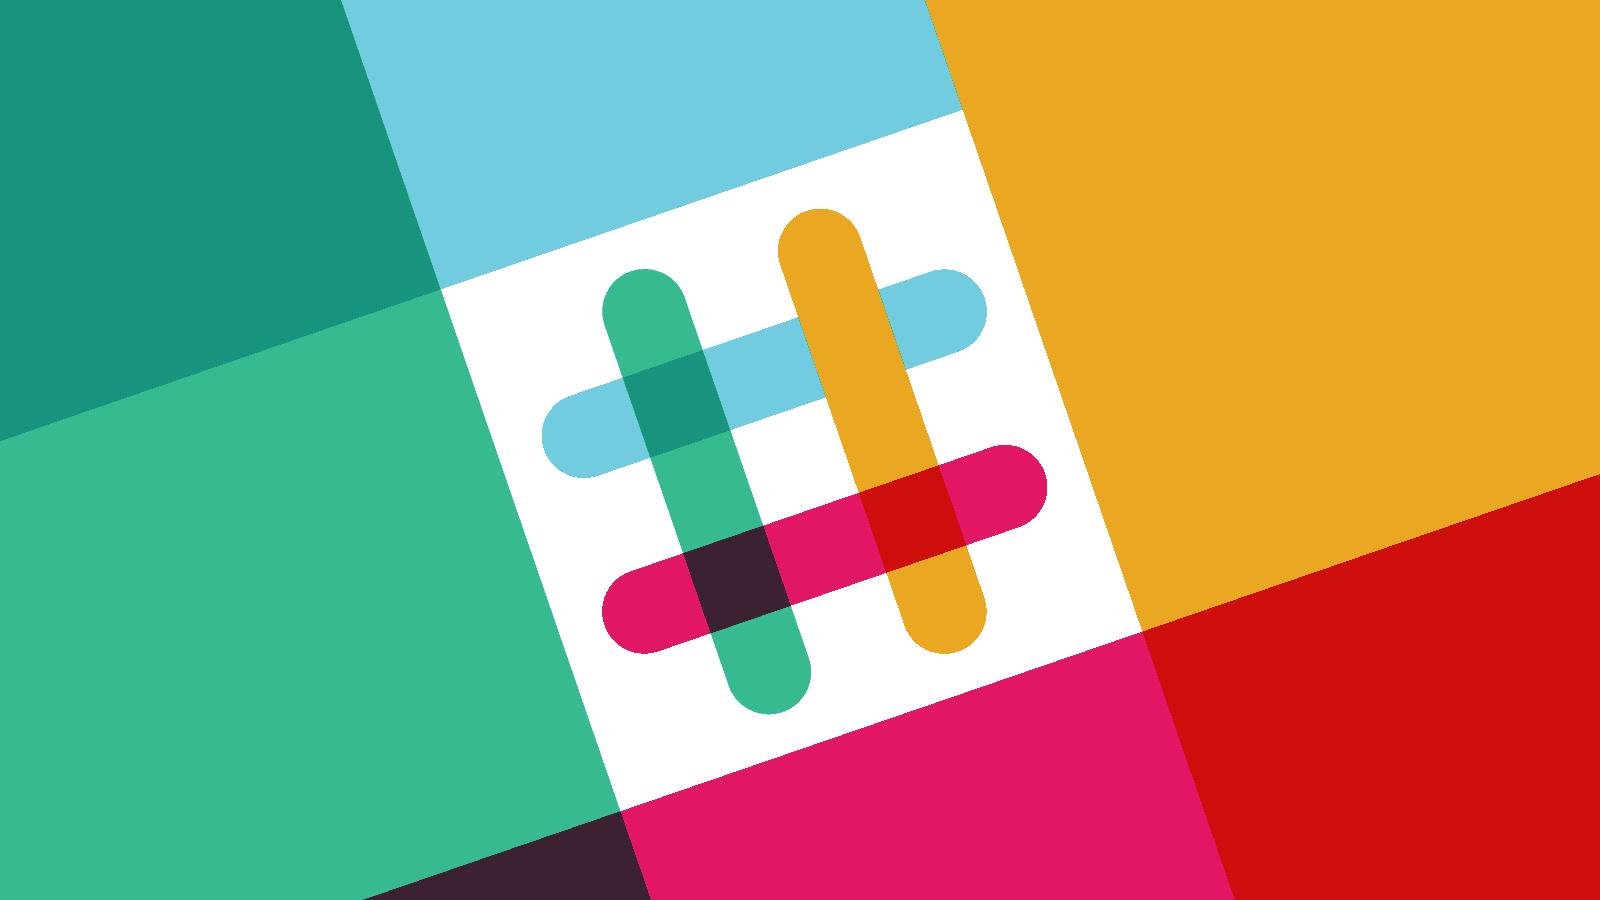 ferramentas-para-desenvolvedores-slack